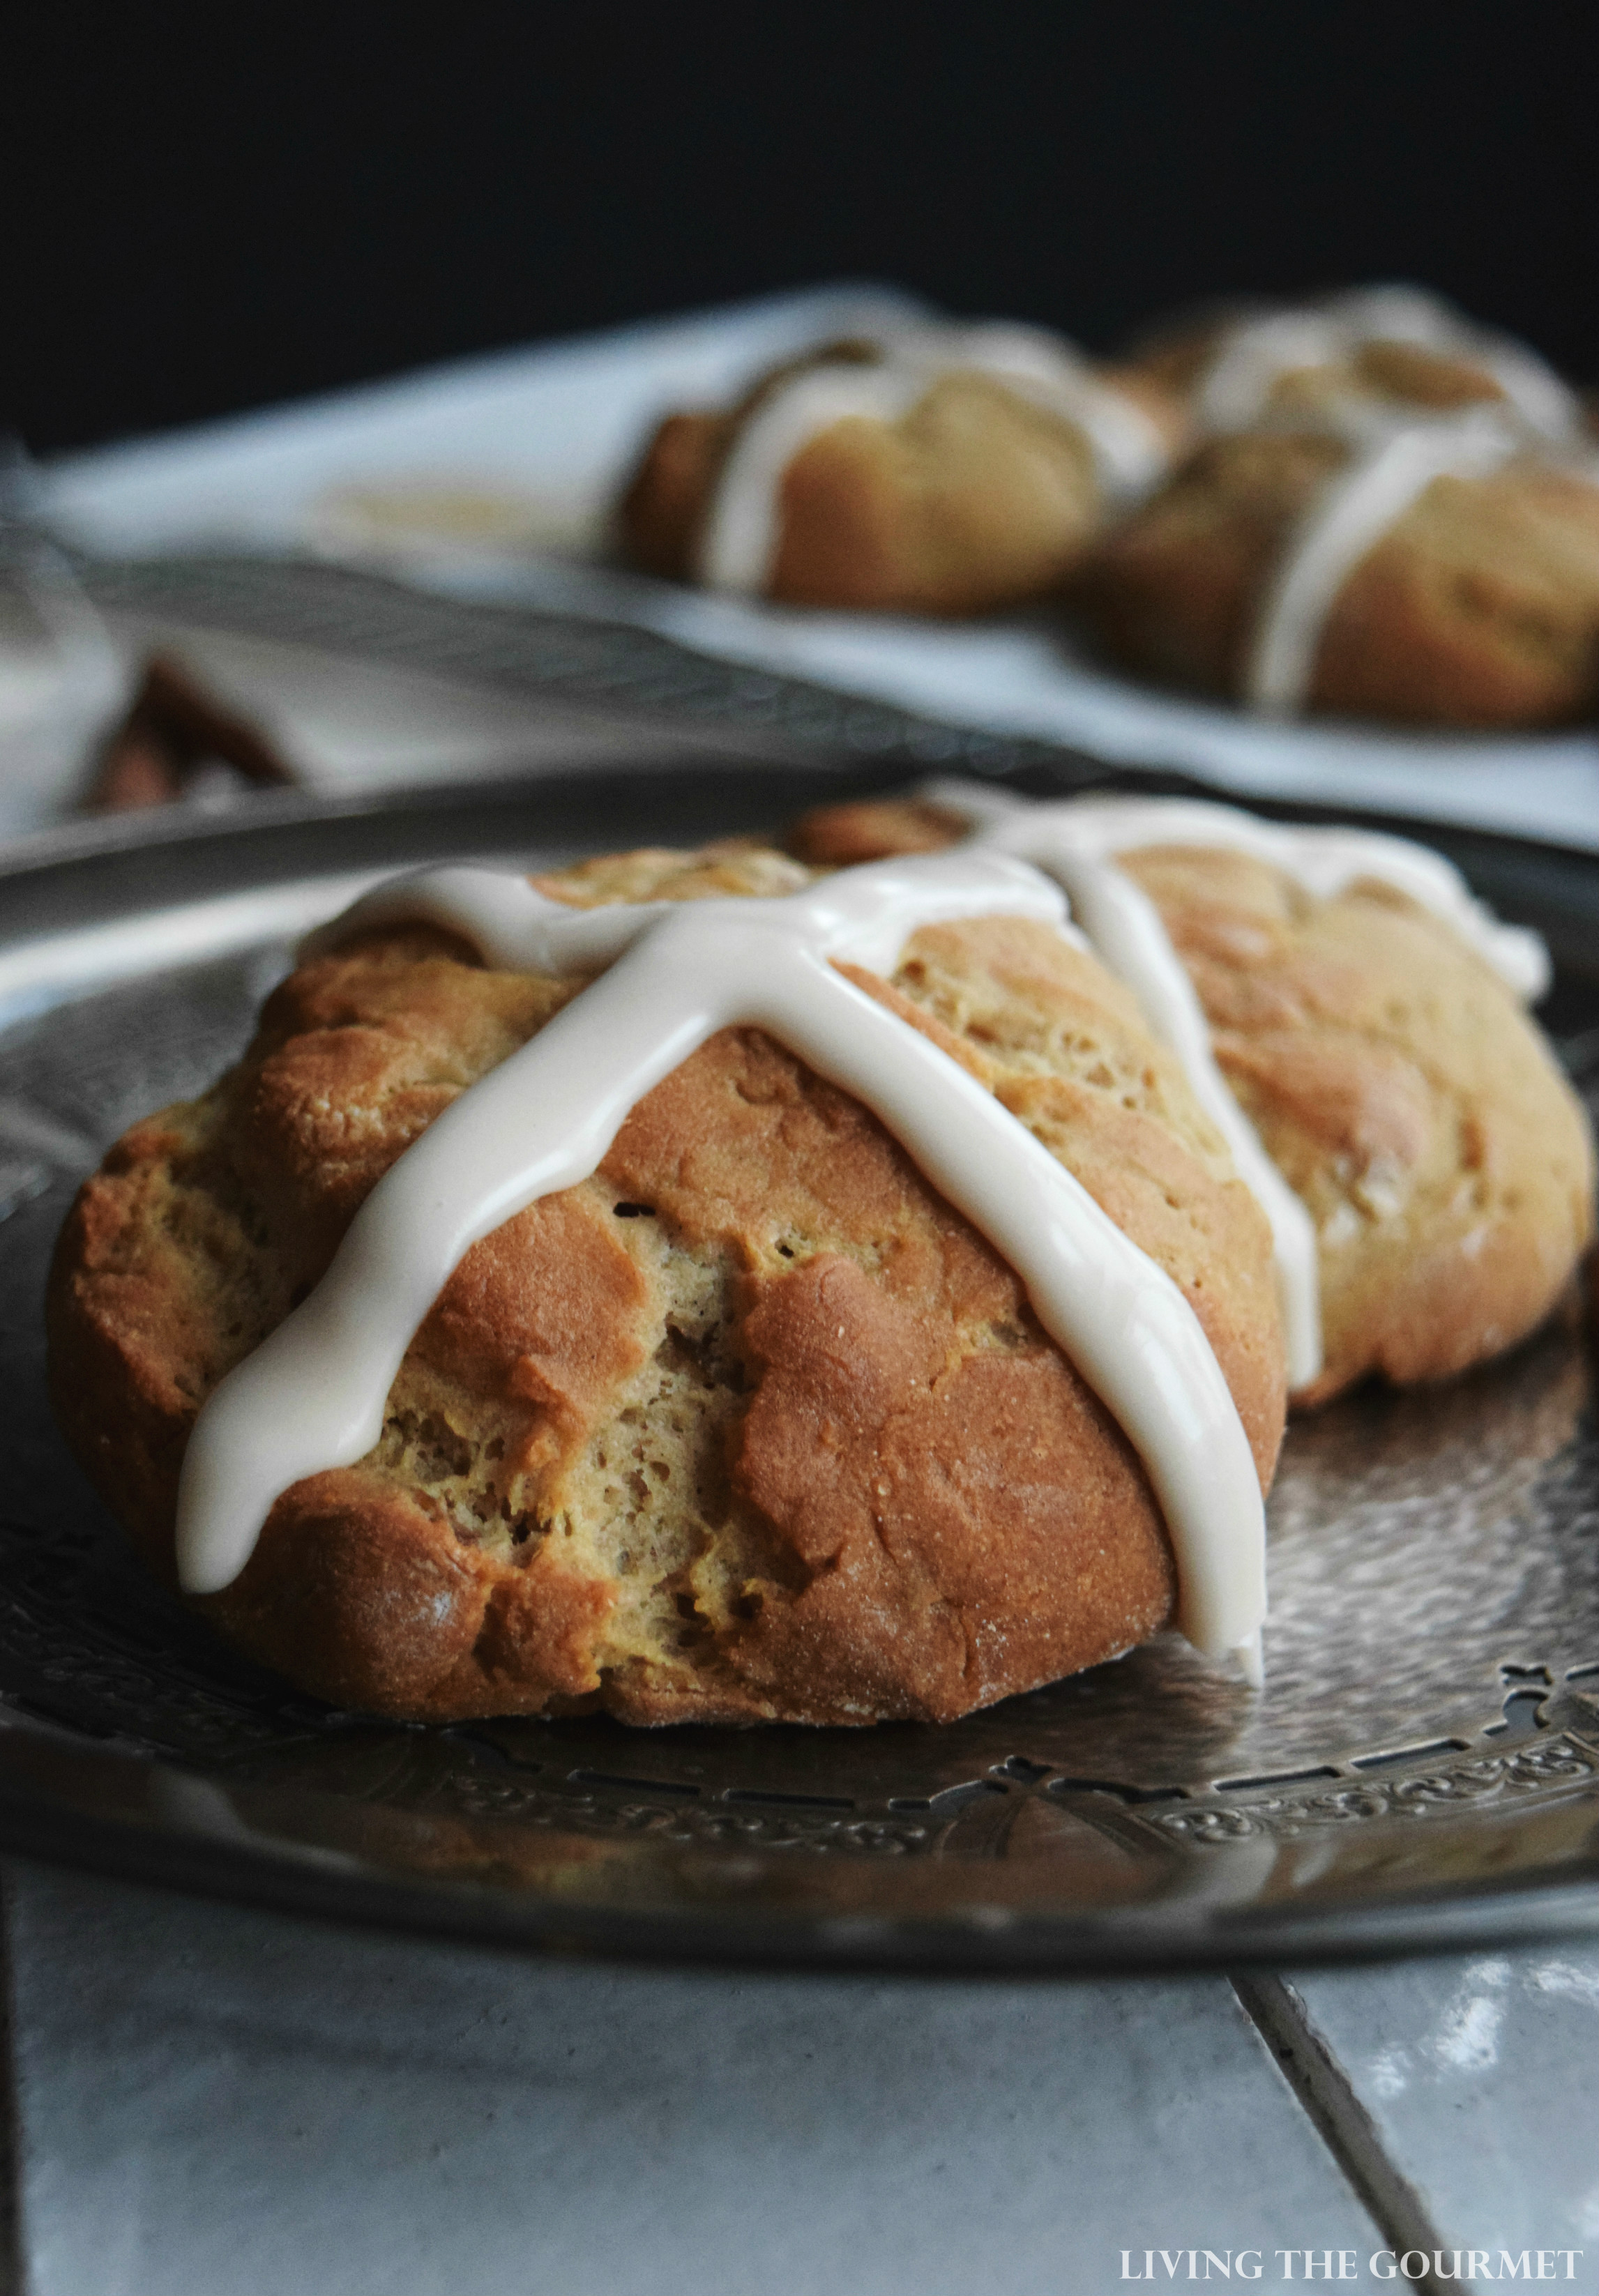 Gluten Free Hot Cross Buns - Living The Gourmet